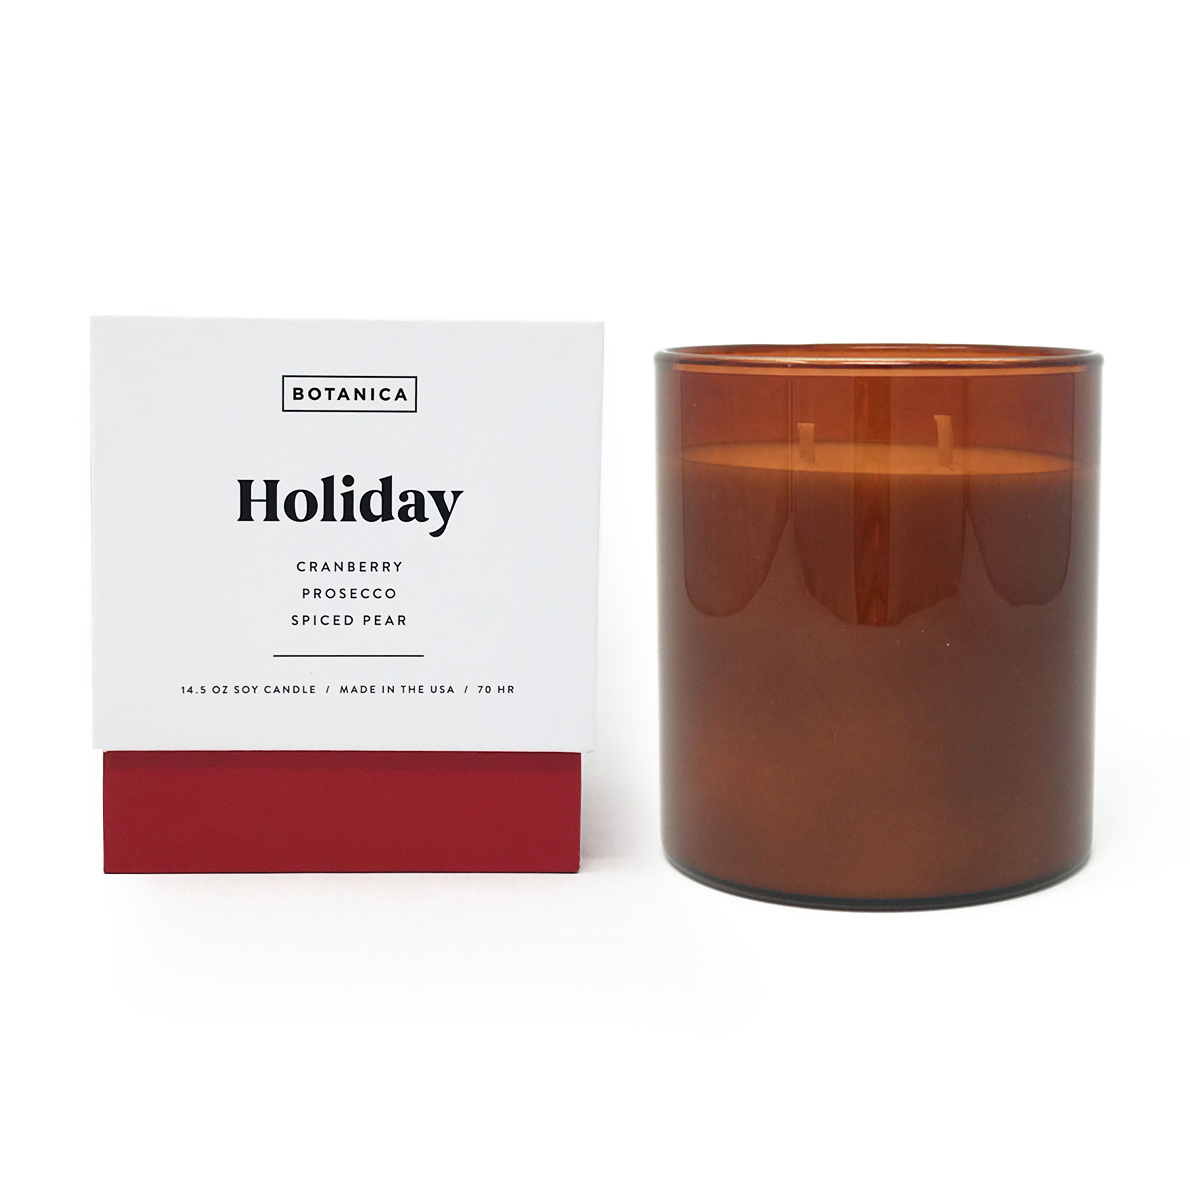 Botanica Holiday Candle 14.5 oz